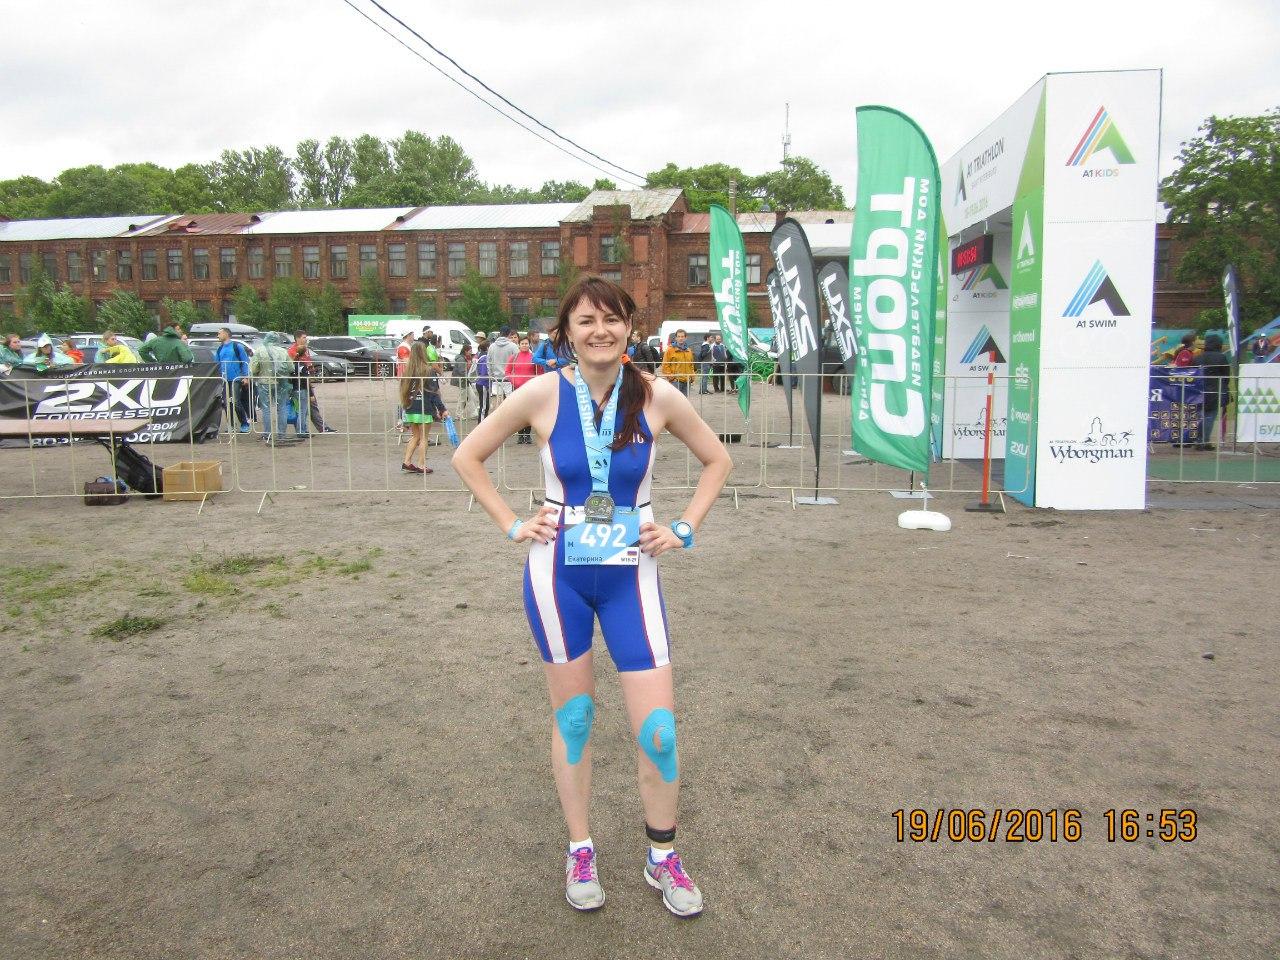 Екатерина Лелюк после финиша на триатлоне А1 113 в Сестрорецке